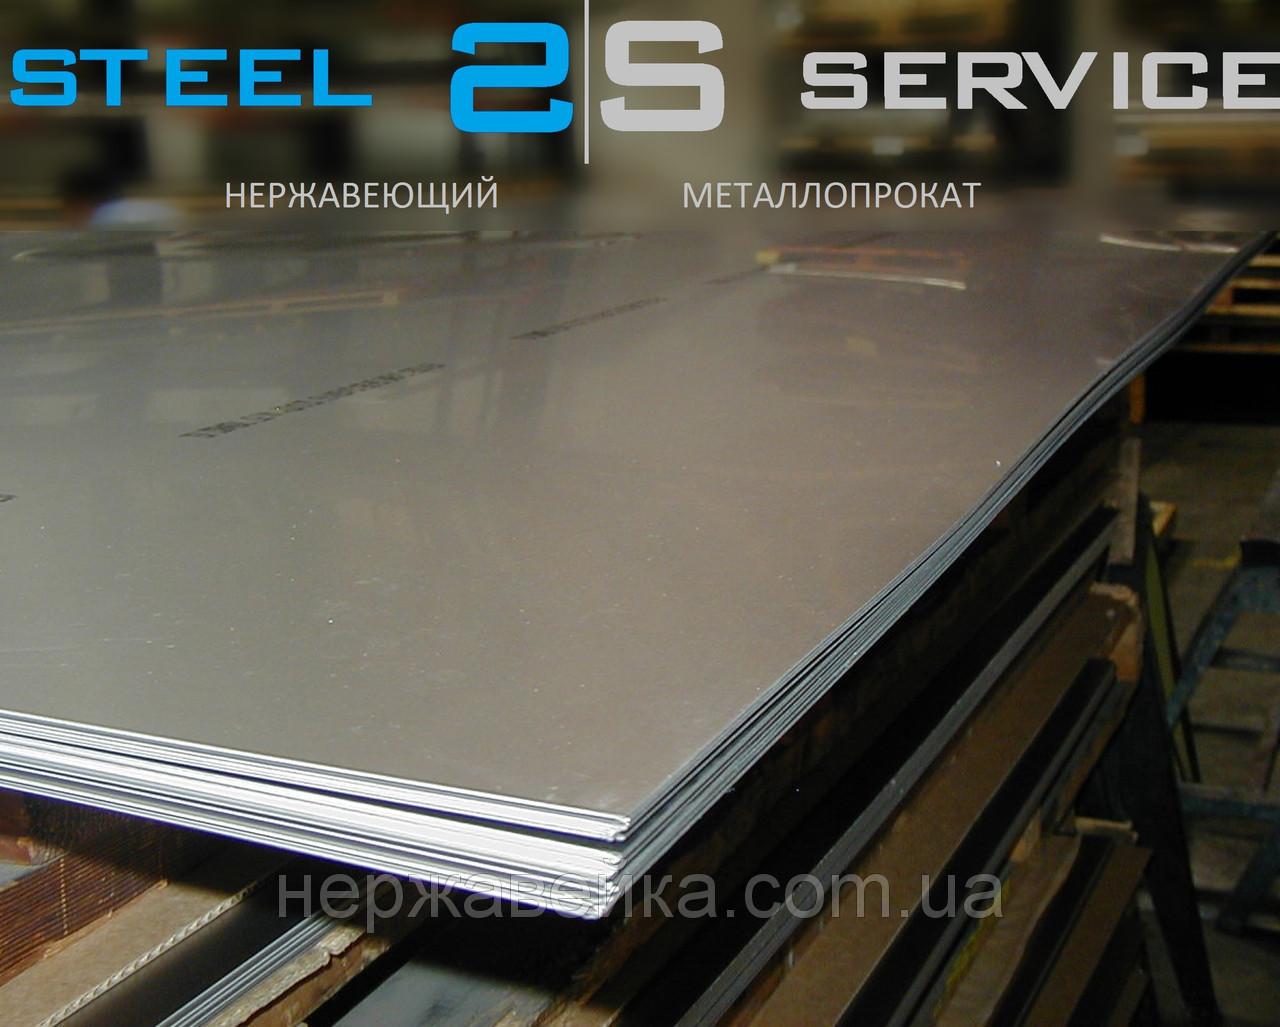 Нержавеющий лист 0,8х1250х2500мм AiSi 201  (12Х15Г9НД) 4N - шлифованный